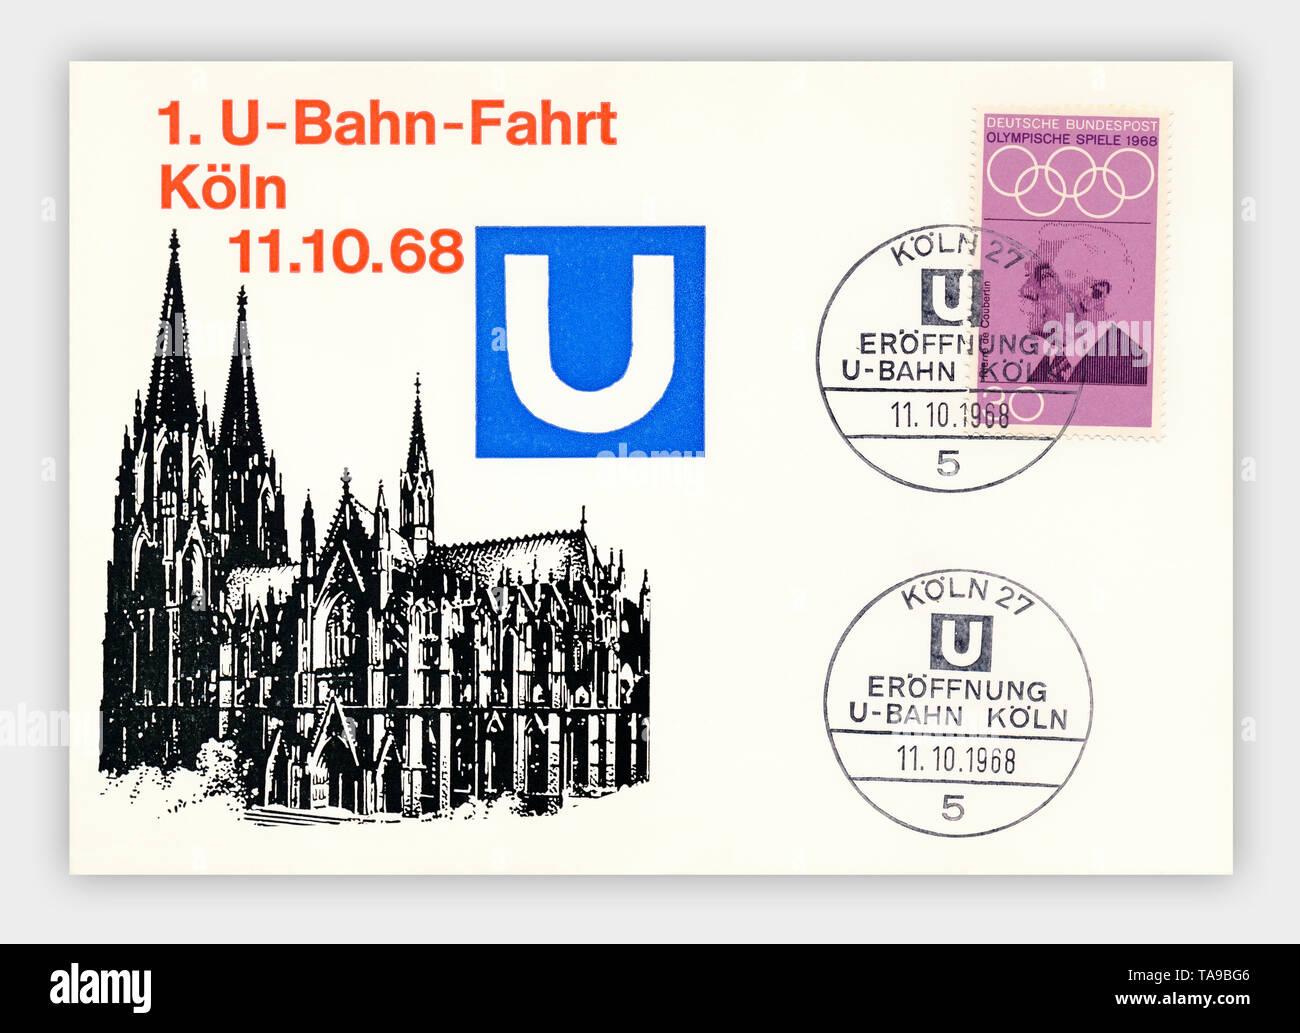 Ersttagsbriefe der Deutschen Bundespost, 1. U-Bahnfahrt in Köln am 11.10.1968, Deutschland, Europa Stock Photo